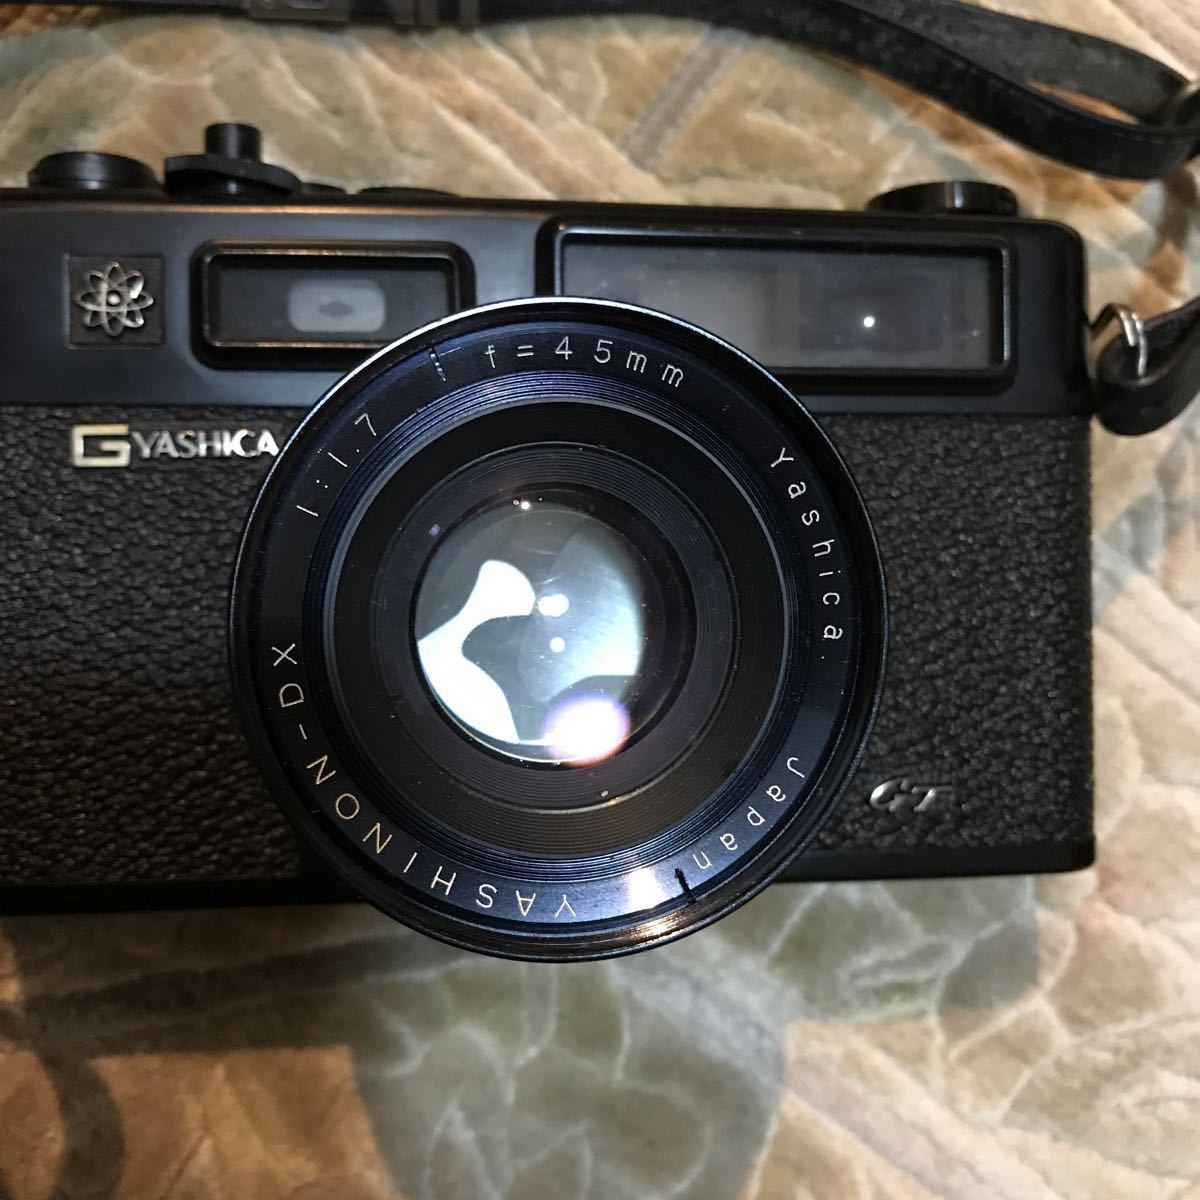 Yashica Electro 35 GT ブラック ヤシカ エレクトロ 35 レンジファインダー 一眼レフ フィルムカメラ_画像4